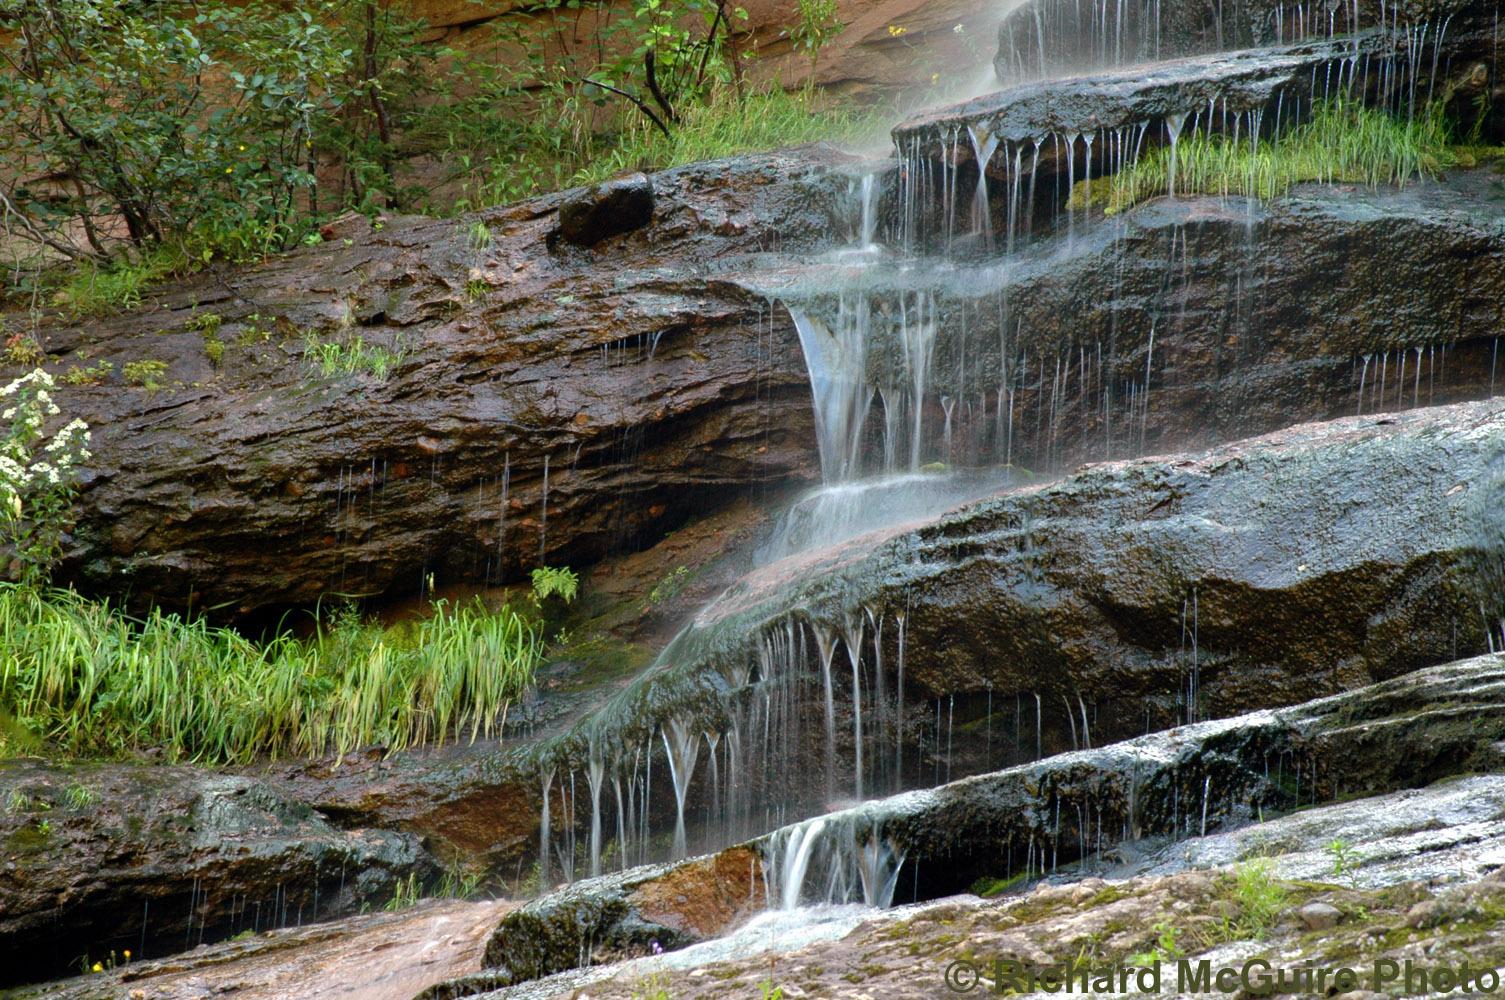 Beulach Ban Falls, Cape Breton Highlands National Park, Nova Scotia